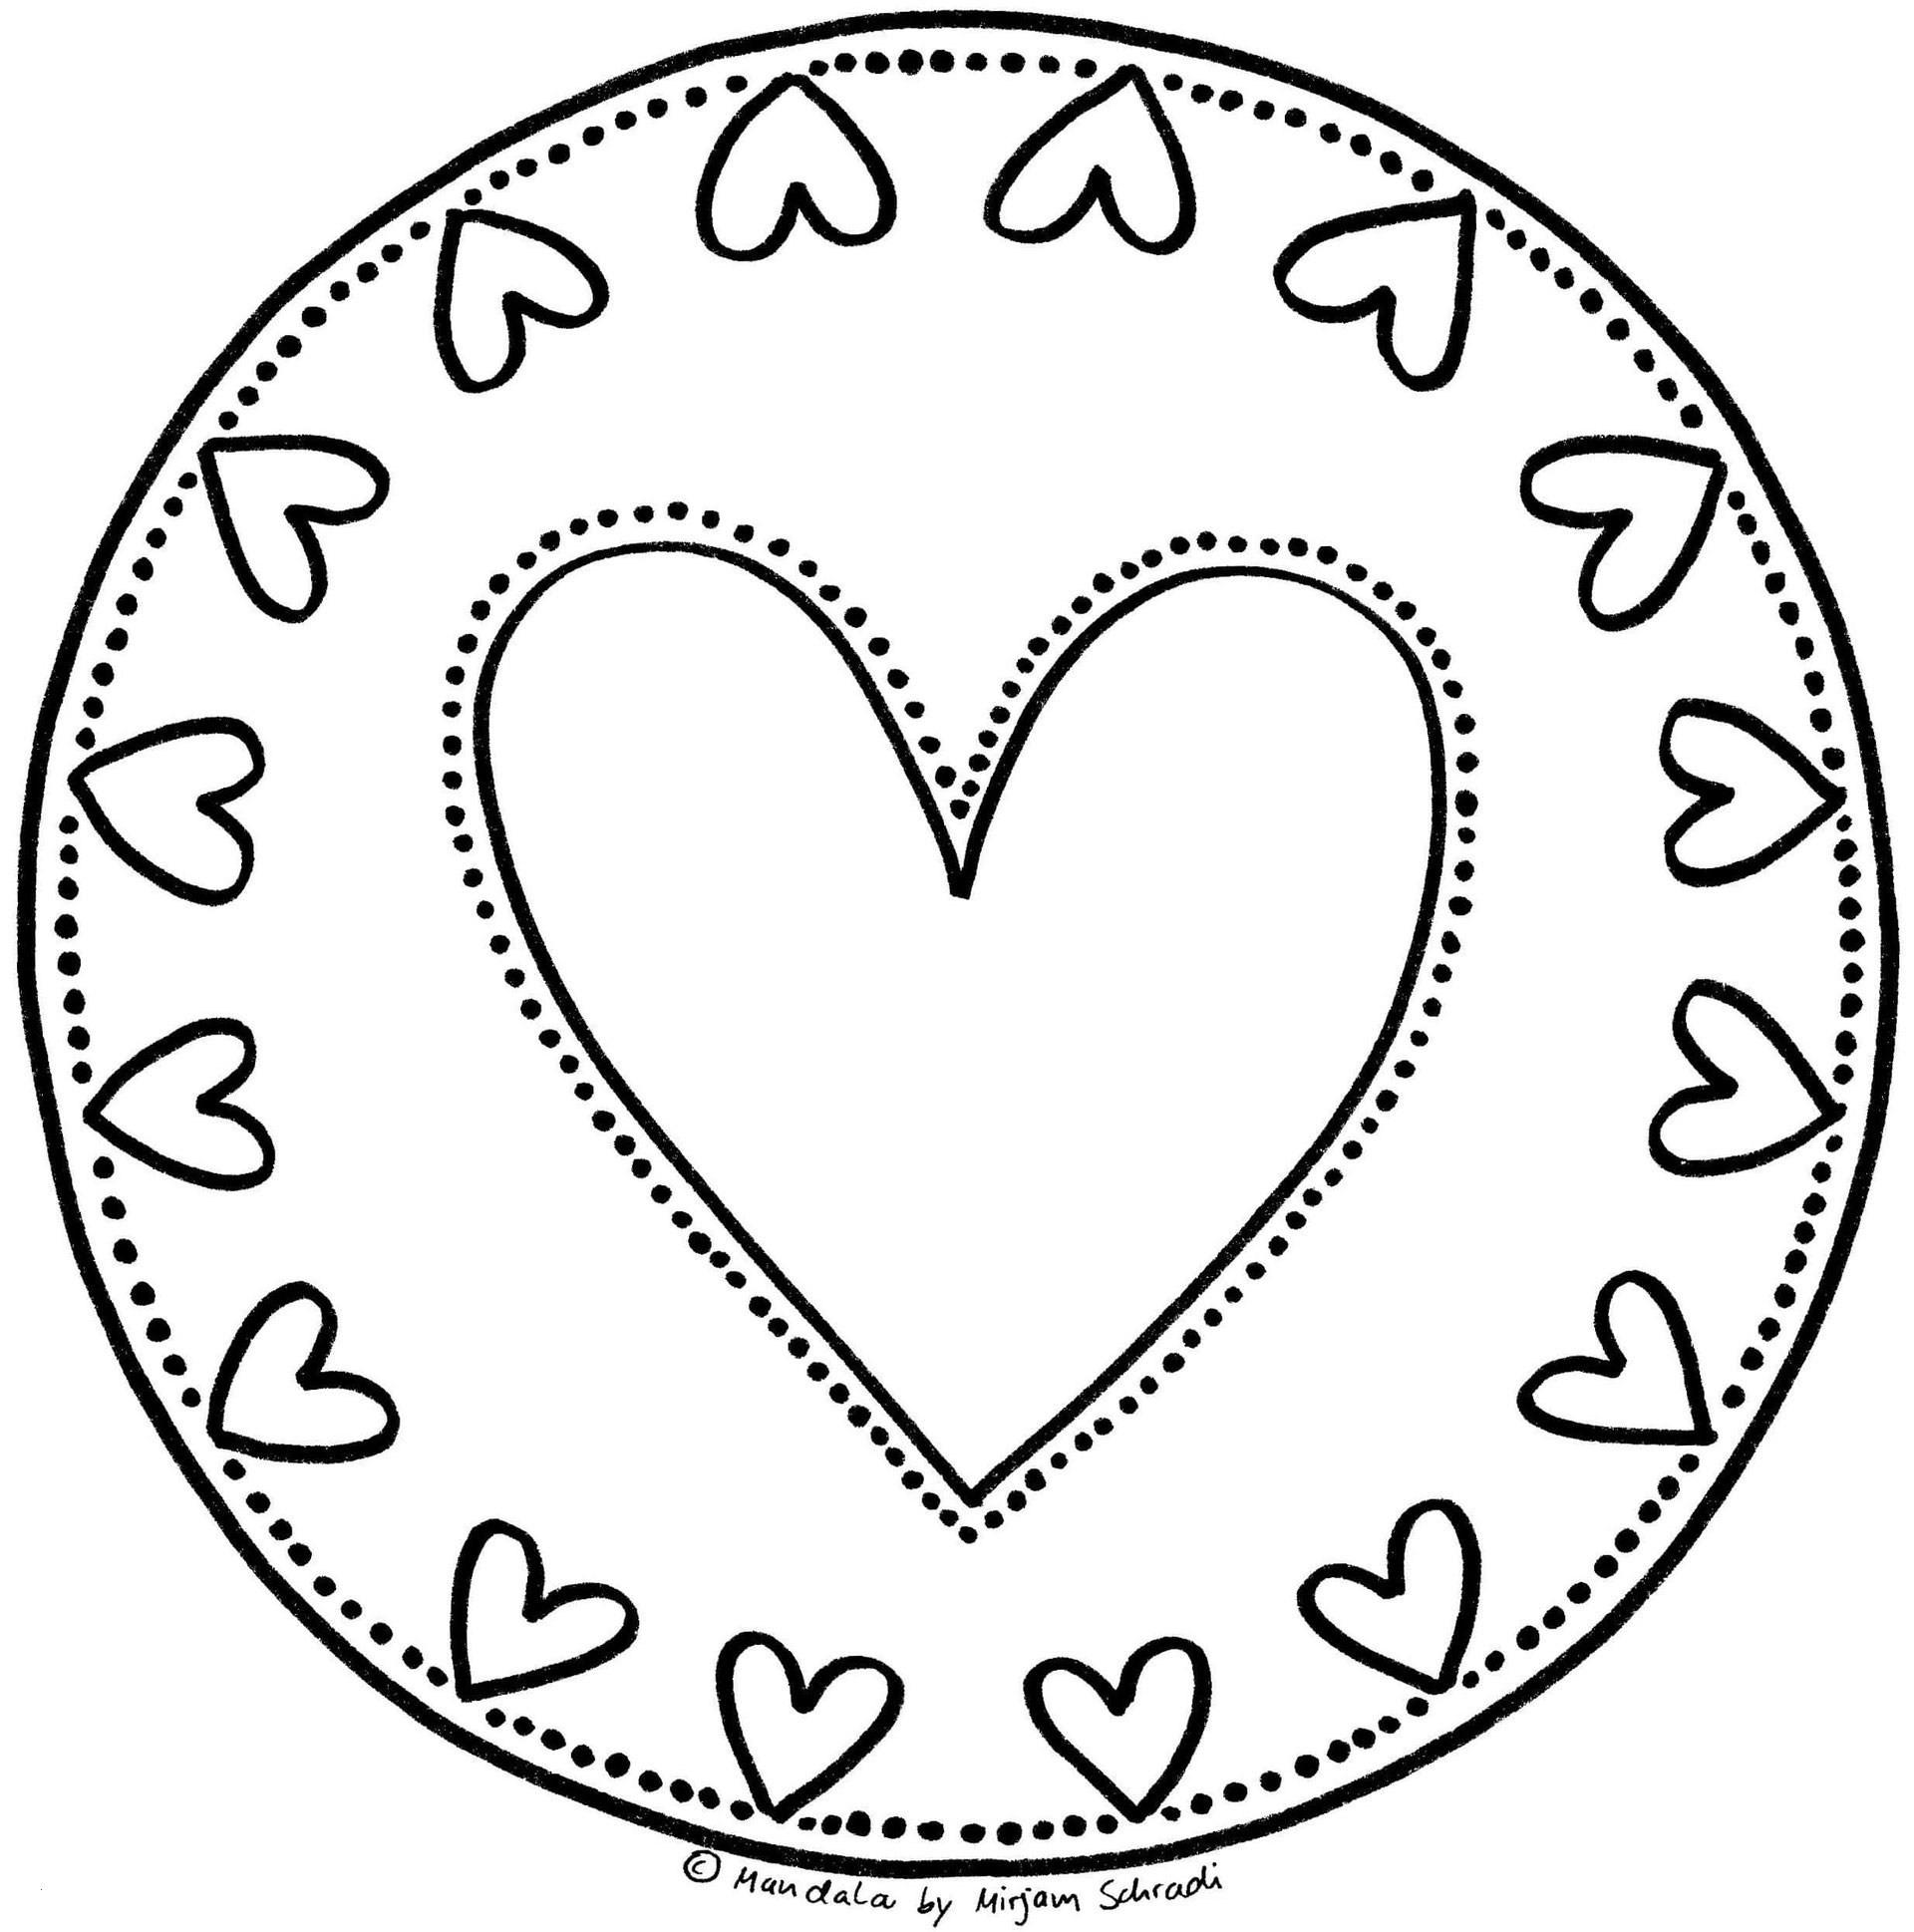 Herz Mandalas Zum Ausmalen Inspirierend Malvorlage Xmas Das Beste Von 16 Herzen Zum Ausmalen Schön Fotos